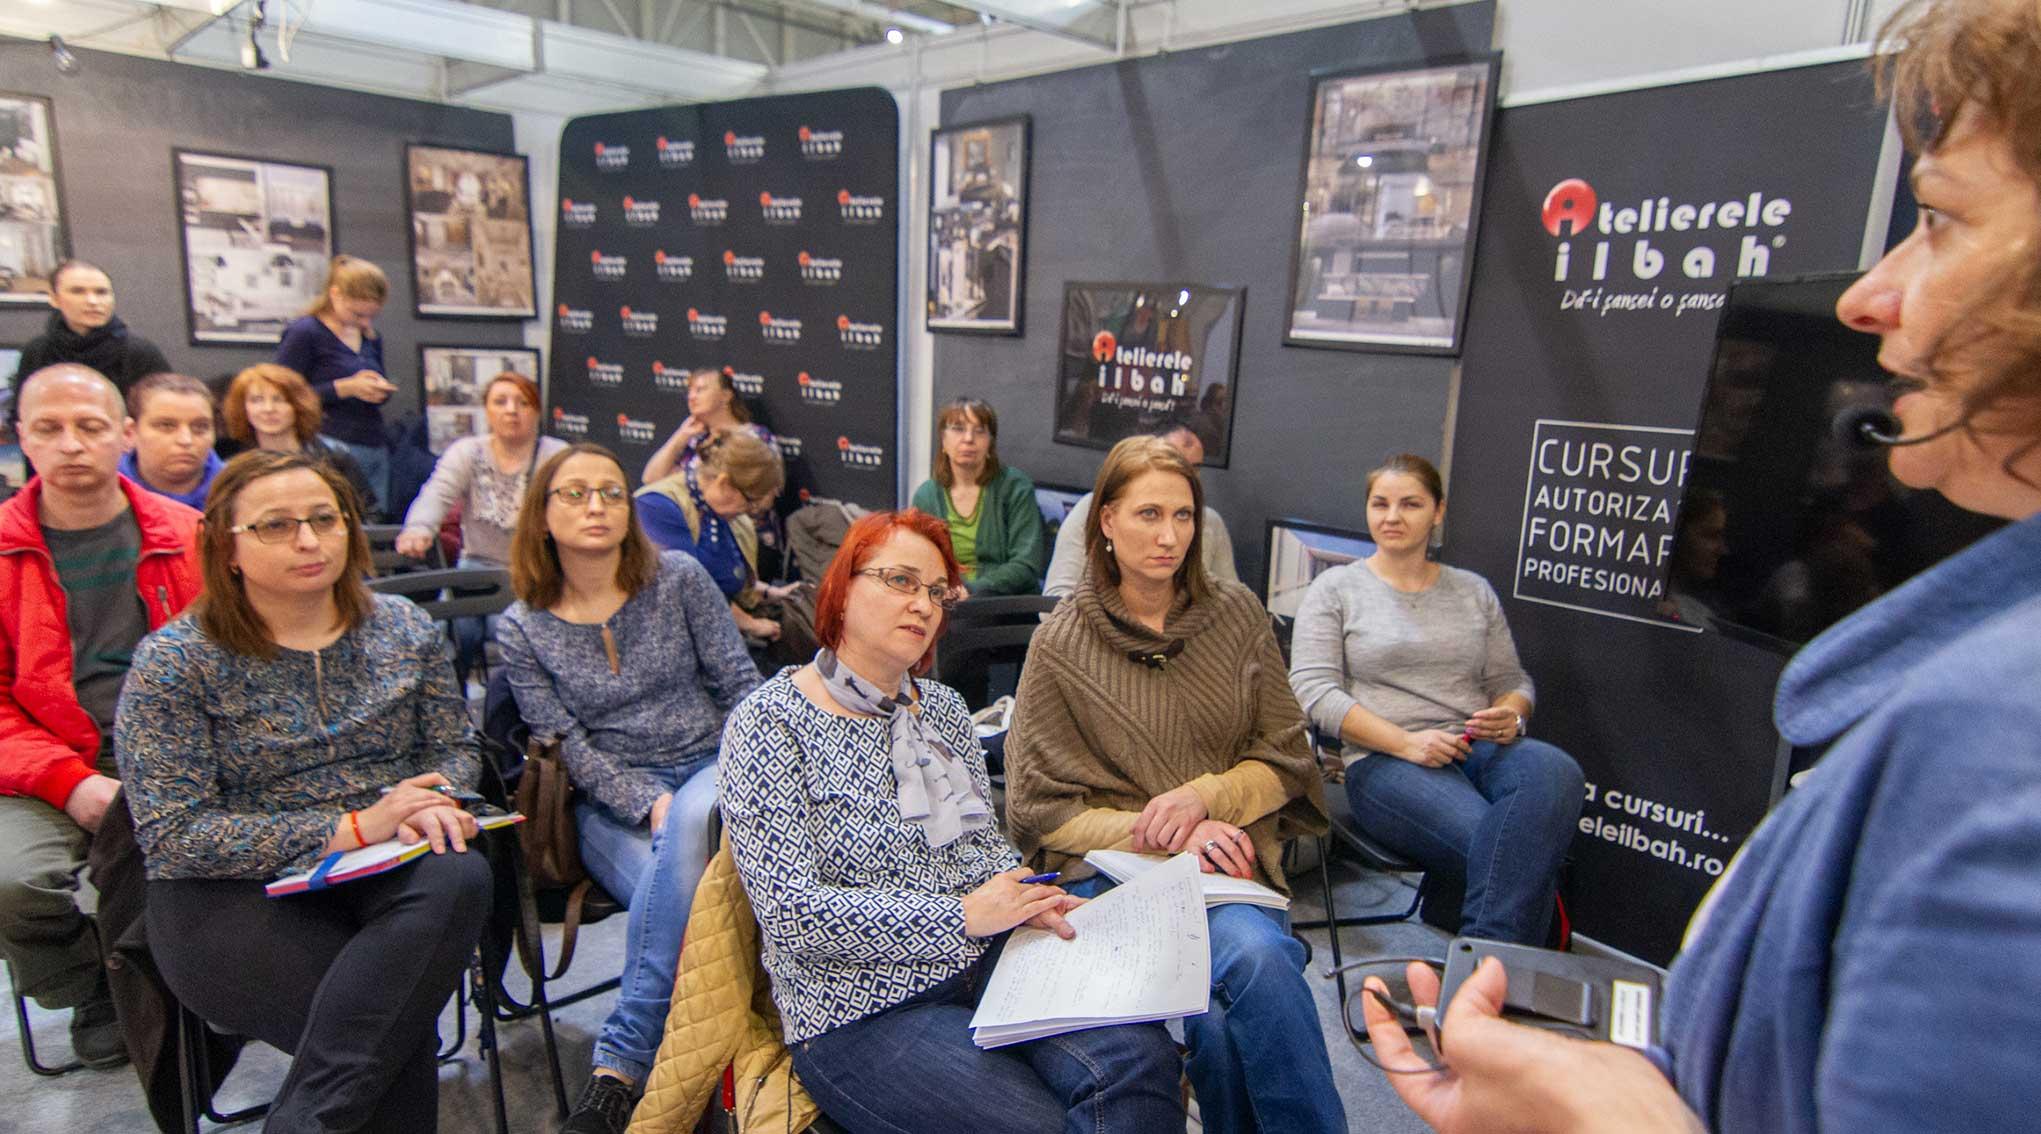 workshop-uri-demonstratii-si-conferinte-marca-atelierele-ilbah-pe-parcursul-a-4-zile-in-cadrul-romexpo-17